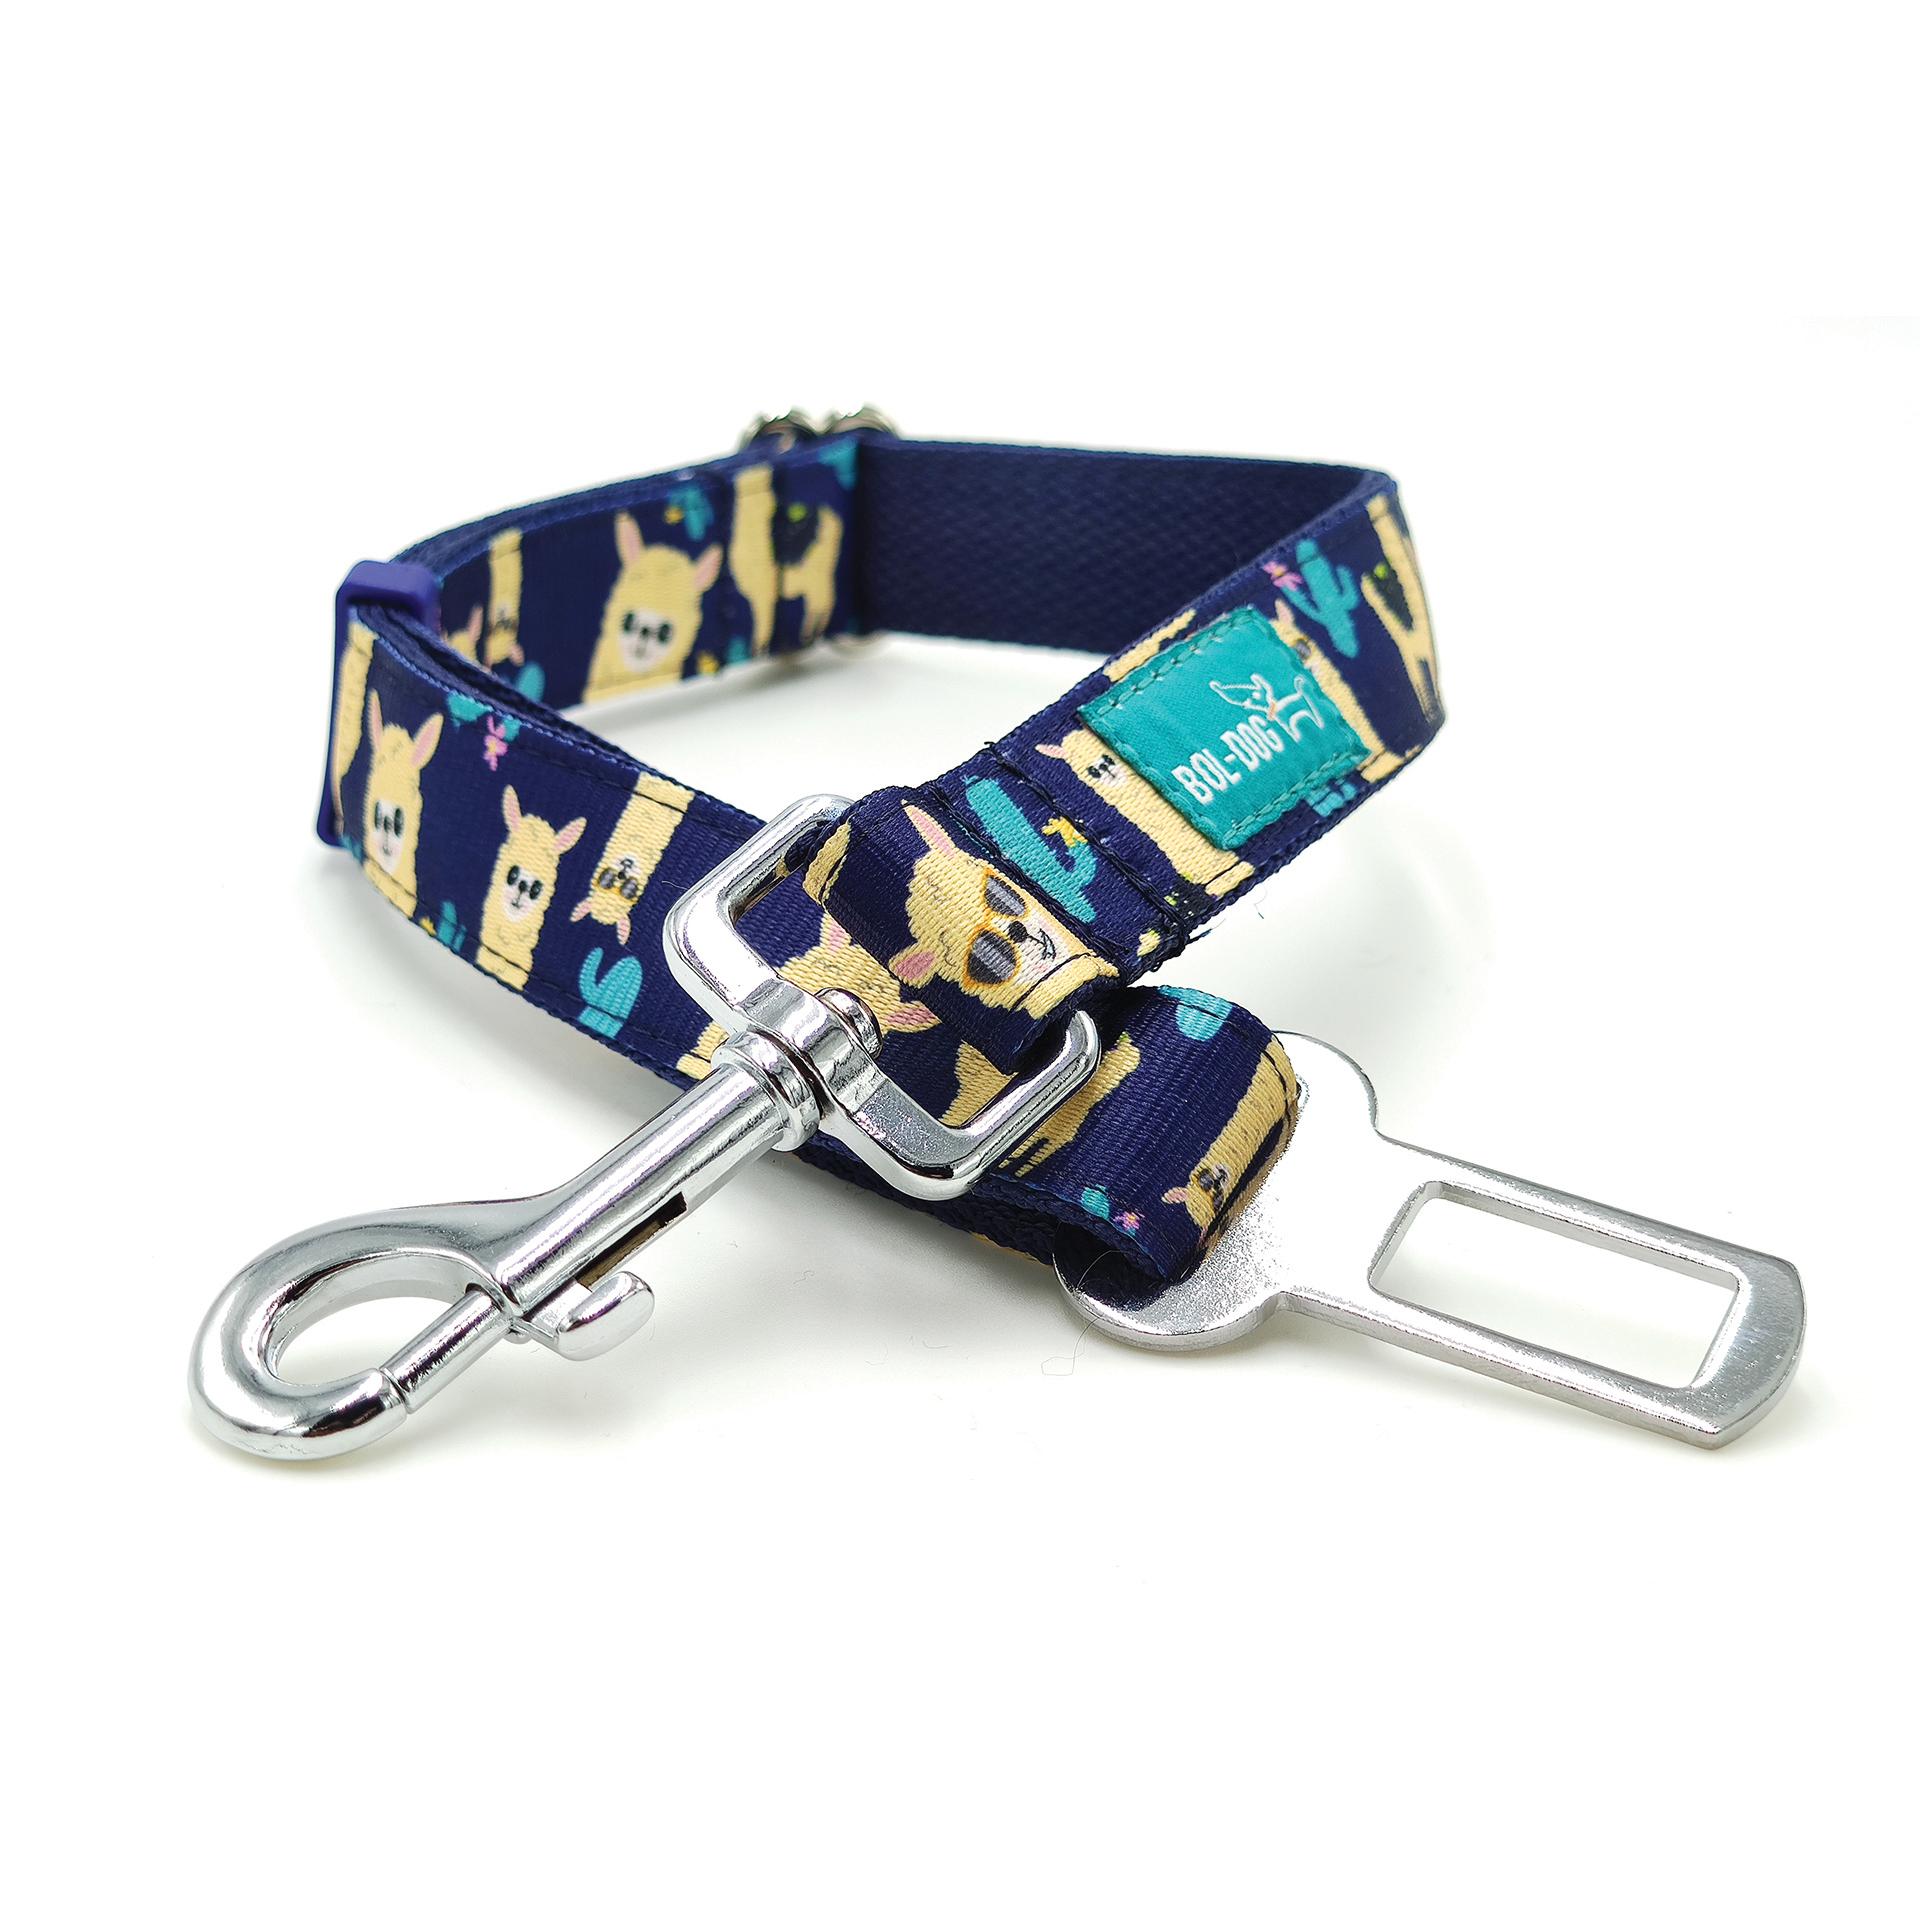 Lama safety belt